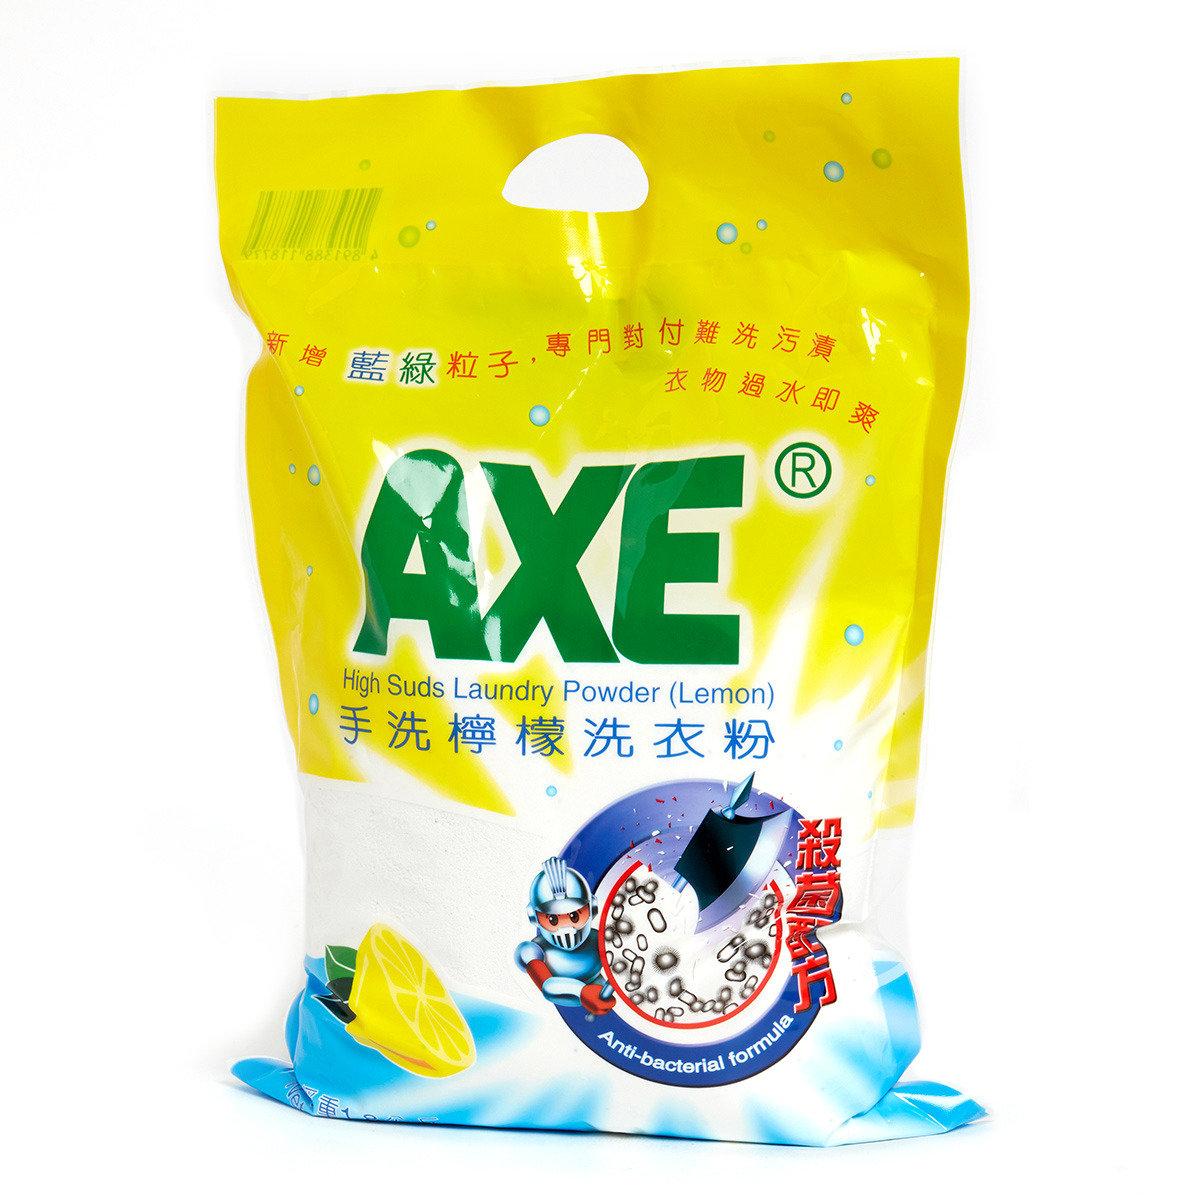 手洗檸檬洗衣粉